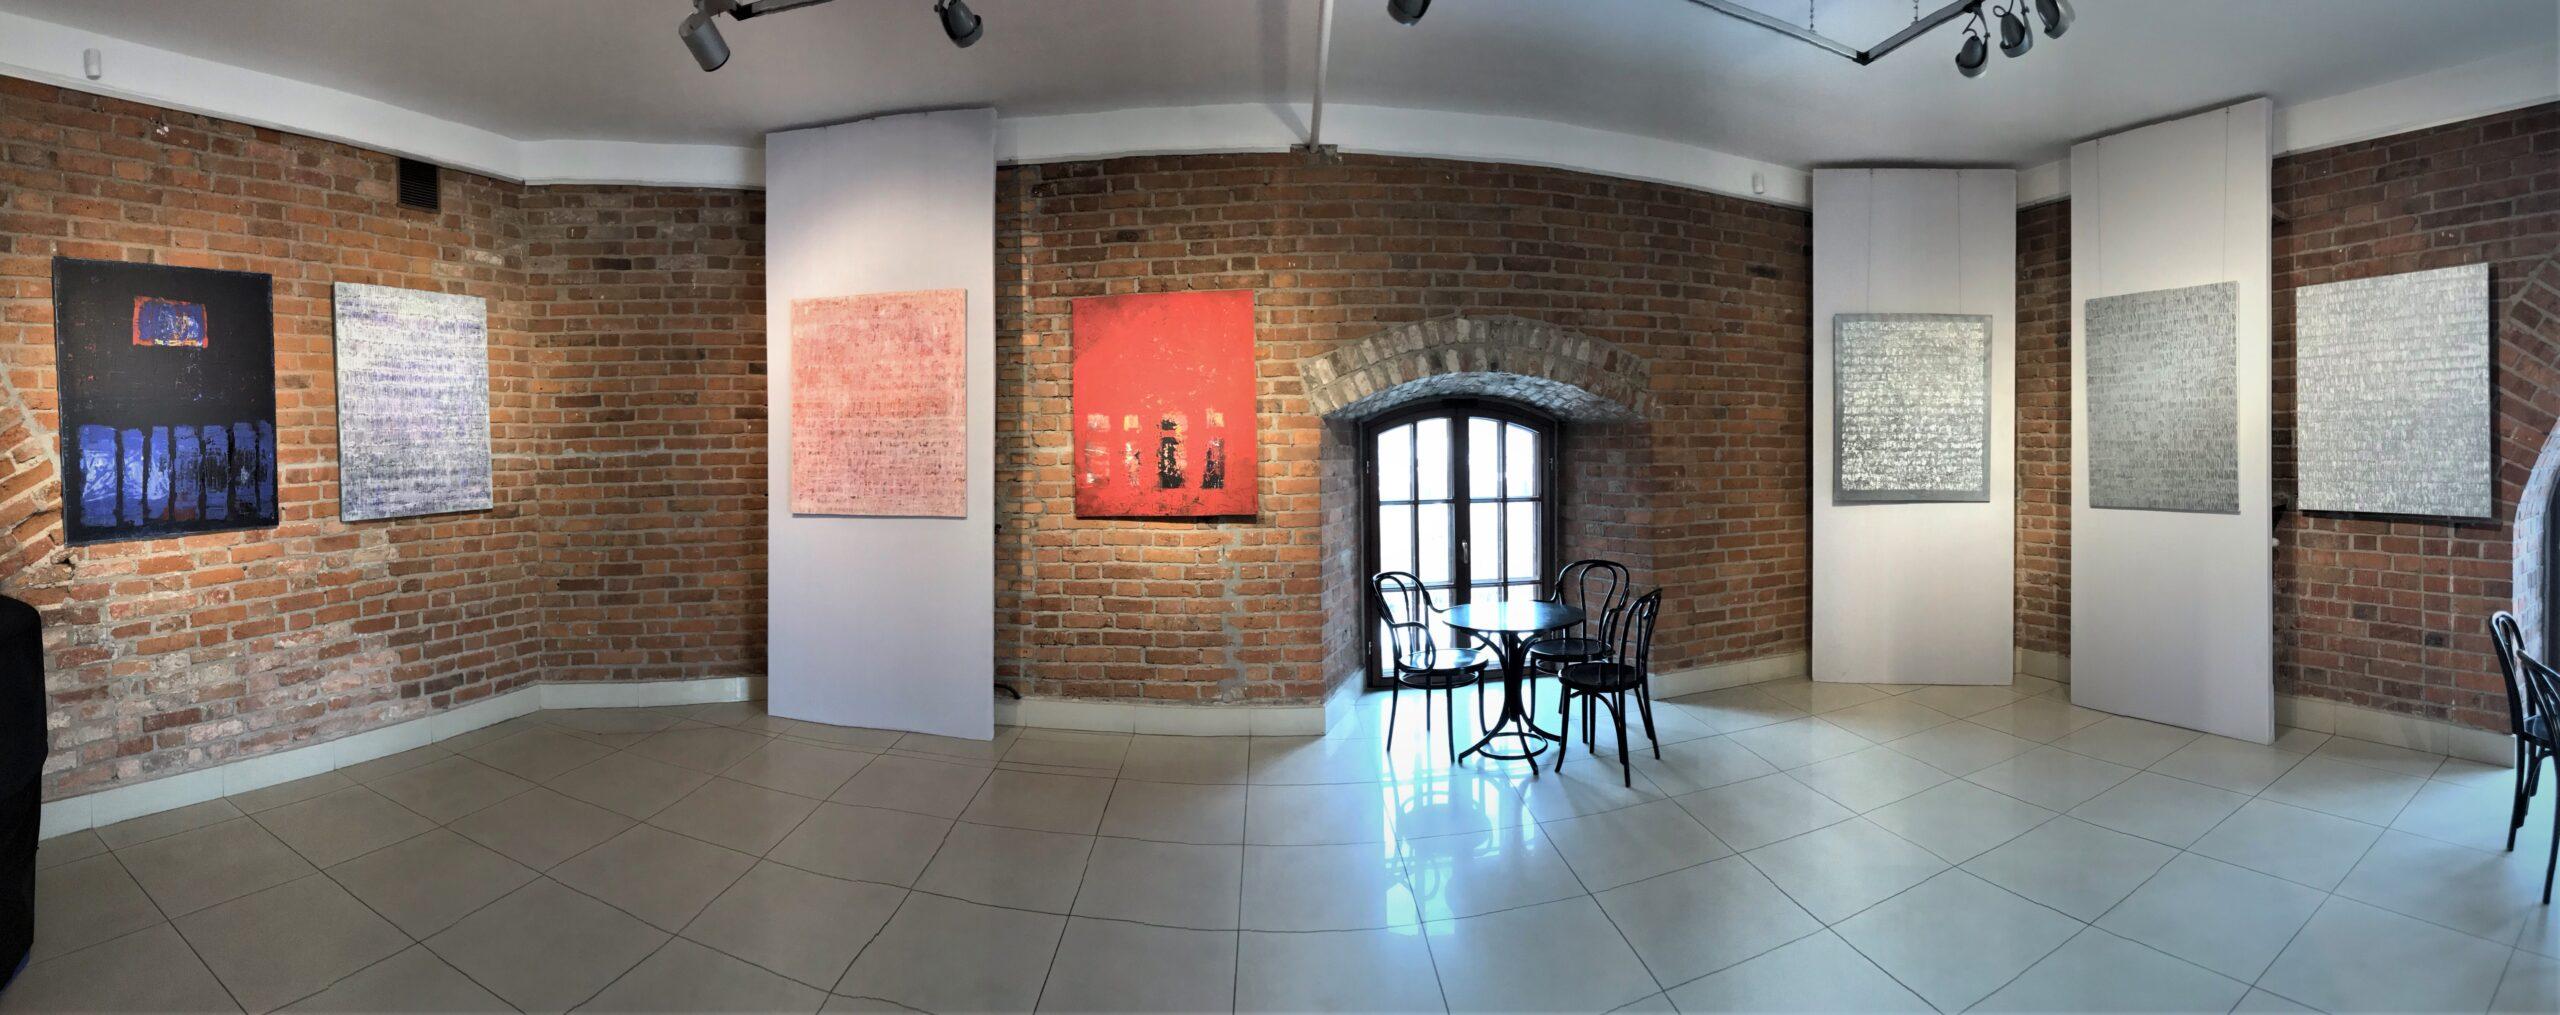 M. Waliszewska-Bendek, Wystawa w Galerii Stara Prochownia